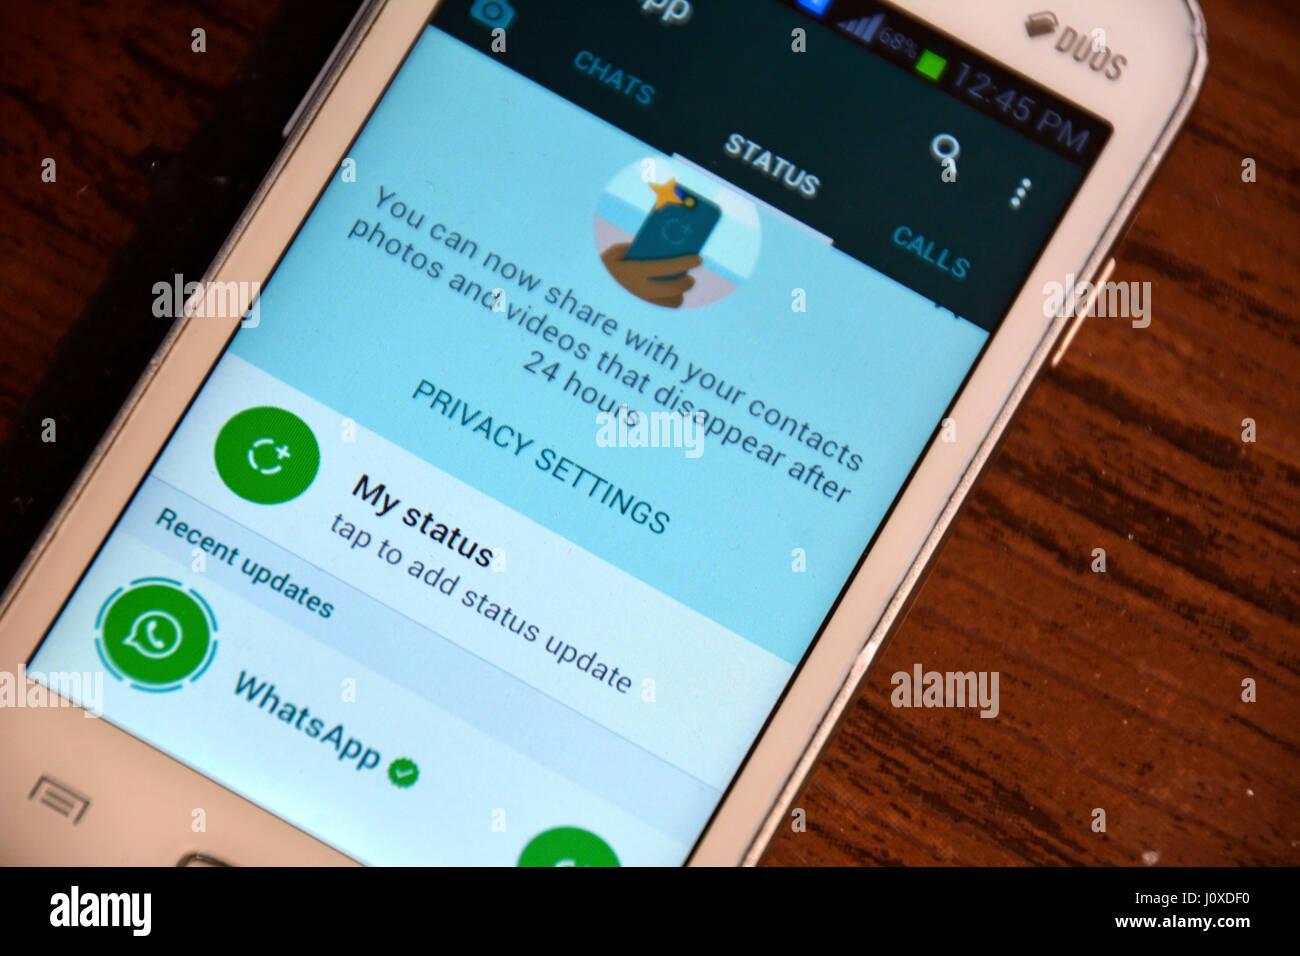 whatsapp Status - Stock Image